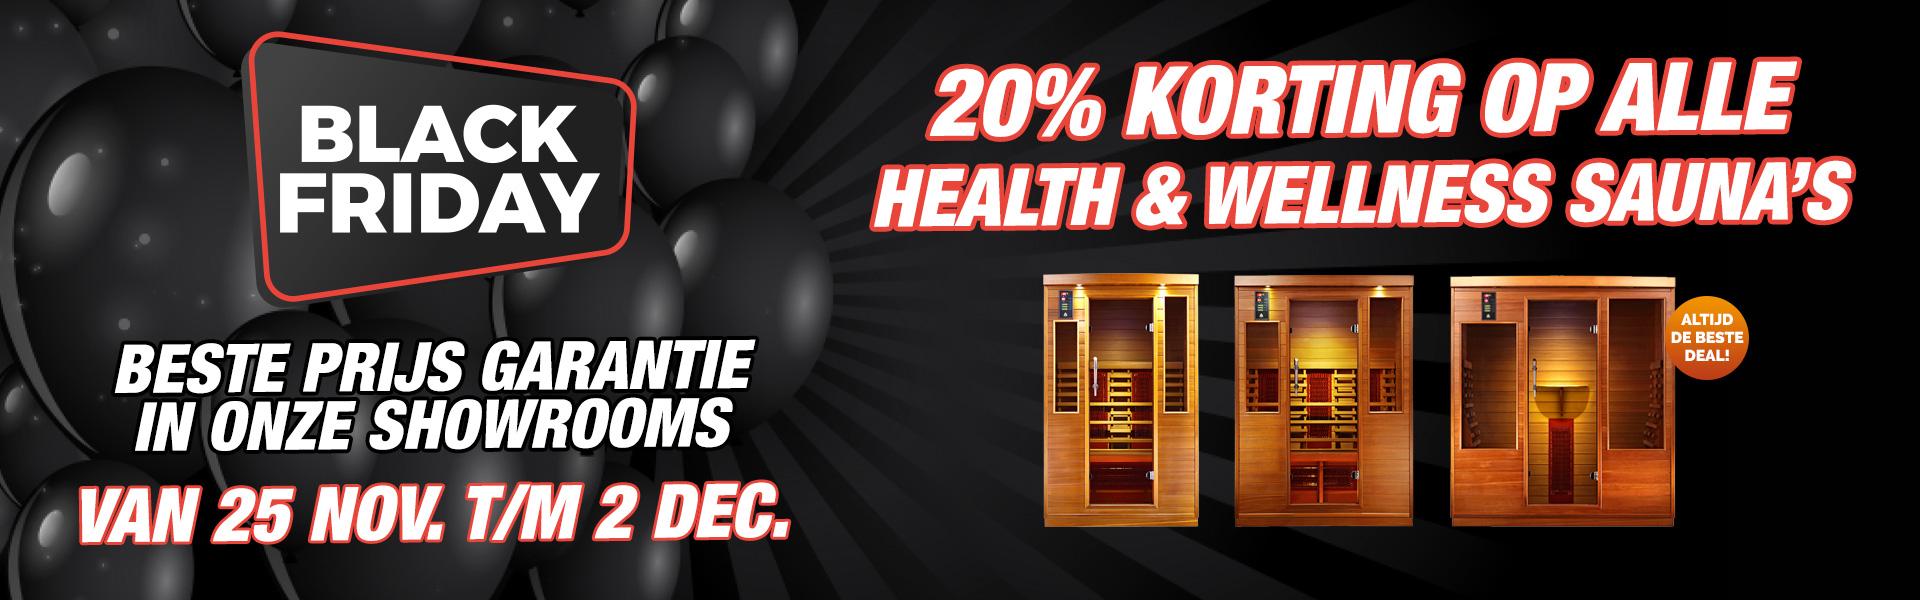 20% Korting Op Alle Health & Wellness Infraroodsauna's